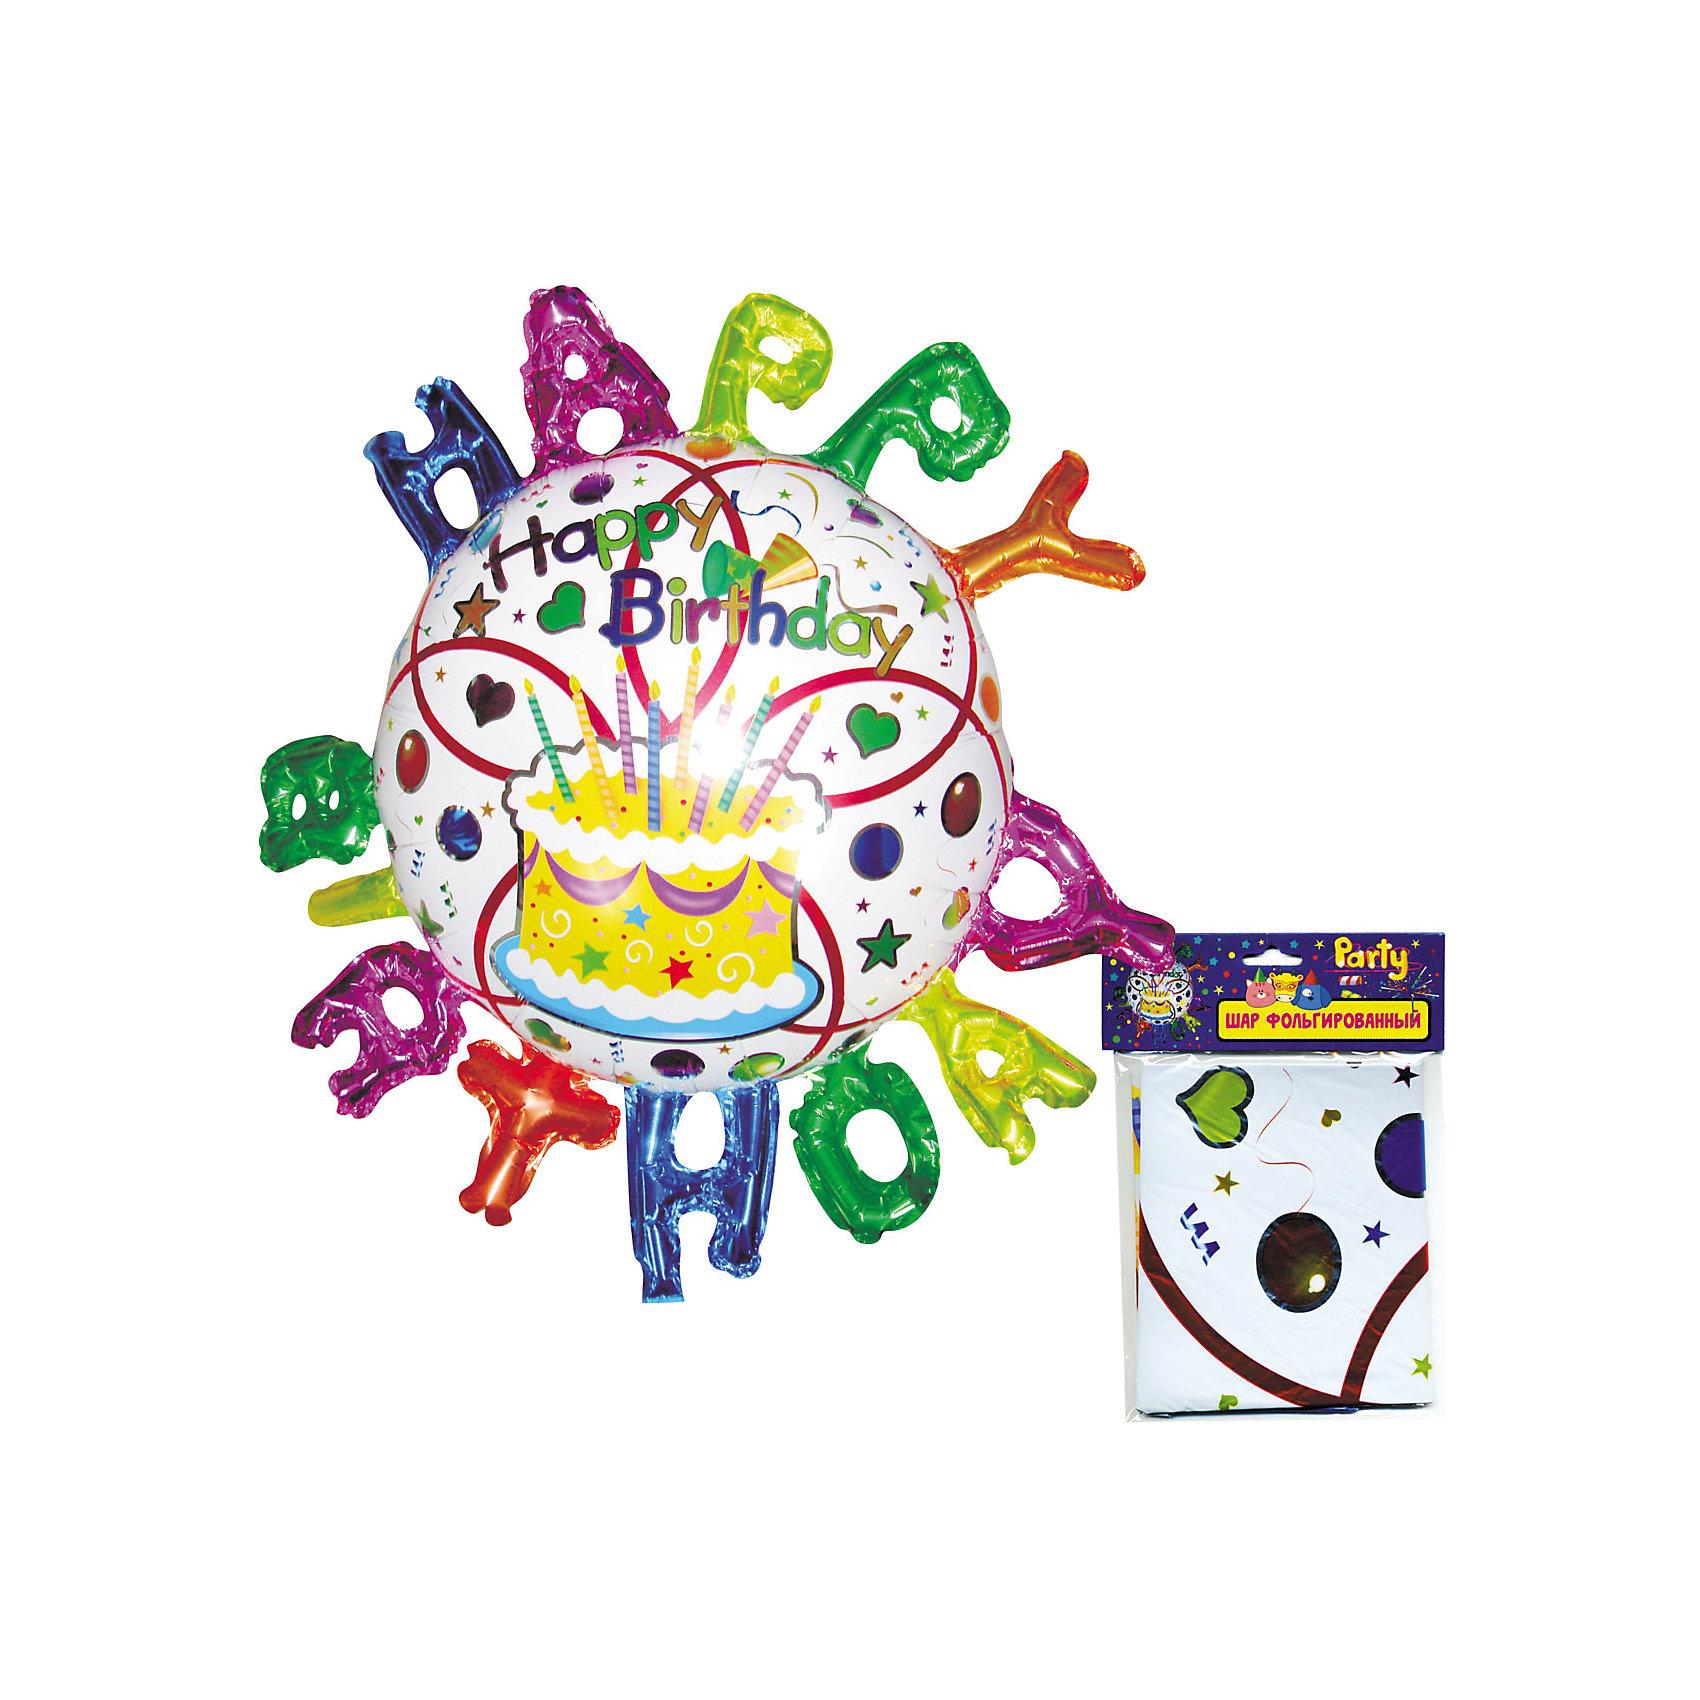 Шар фольгированный HAPPY BIRTHDAY!, 88*93 смВсё для праздника<br>Характеристики:<br><br>• возраст: от 3 лет<br>• размер: 88х93 см.<br>• материал: фольга<br><br>Надувной фольгированный шар «HAPPY BIRTHDAY!» с ярким рисунком, украшенный по окружности объемными разноцветными буквами, порадует именинника.<br><br>Шар изготовлен с использованием специальных синтетических волокон, благодаря которым изделие долгое время сохраняет первоначальный вид. Шар можно сдувать и надувать несколько раз.<br><br>Шар фольгированный HAPPY BIRTHDAY!, 88*93 см можно купить в нашем интернет-магазине.<br><br>Ширина мм: 200<br>Глубина мм: 200<br>Высота мм: 10<br>Вес г: 32<br>Возраст от месяцев: 36<br>Возраст до месяцев: 2147483647<br>Пол: Унисекс<br>Возраст: Детский<br>SKU: 6860591